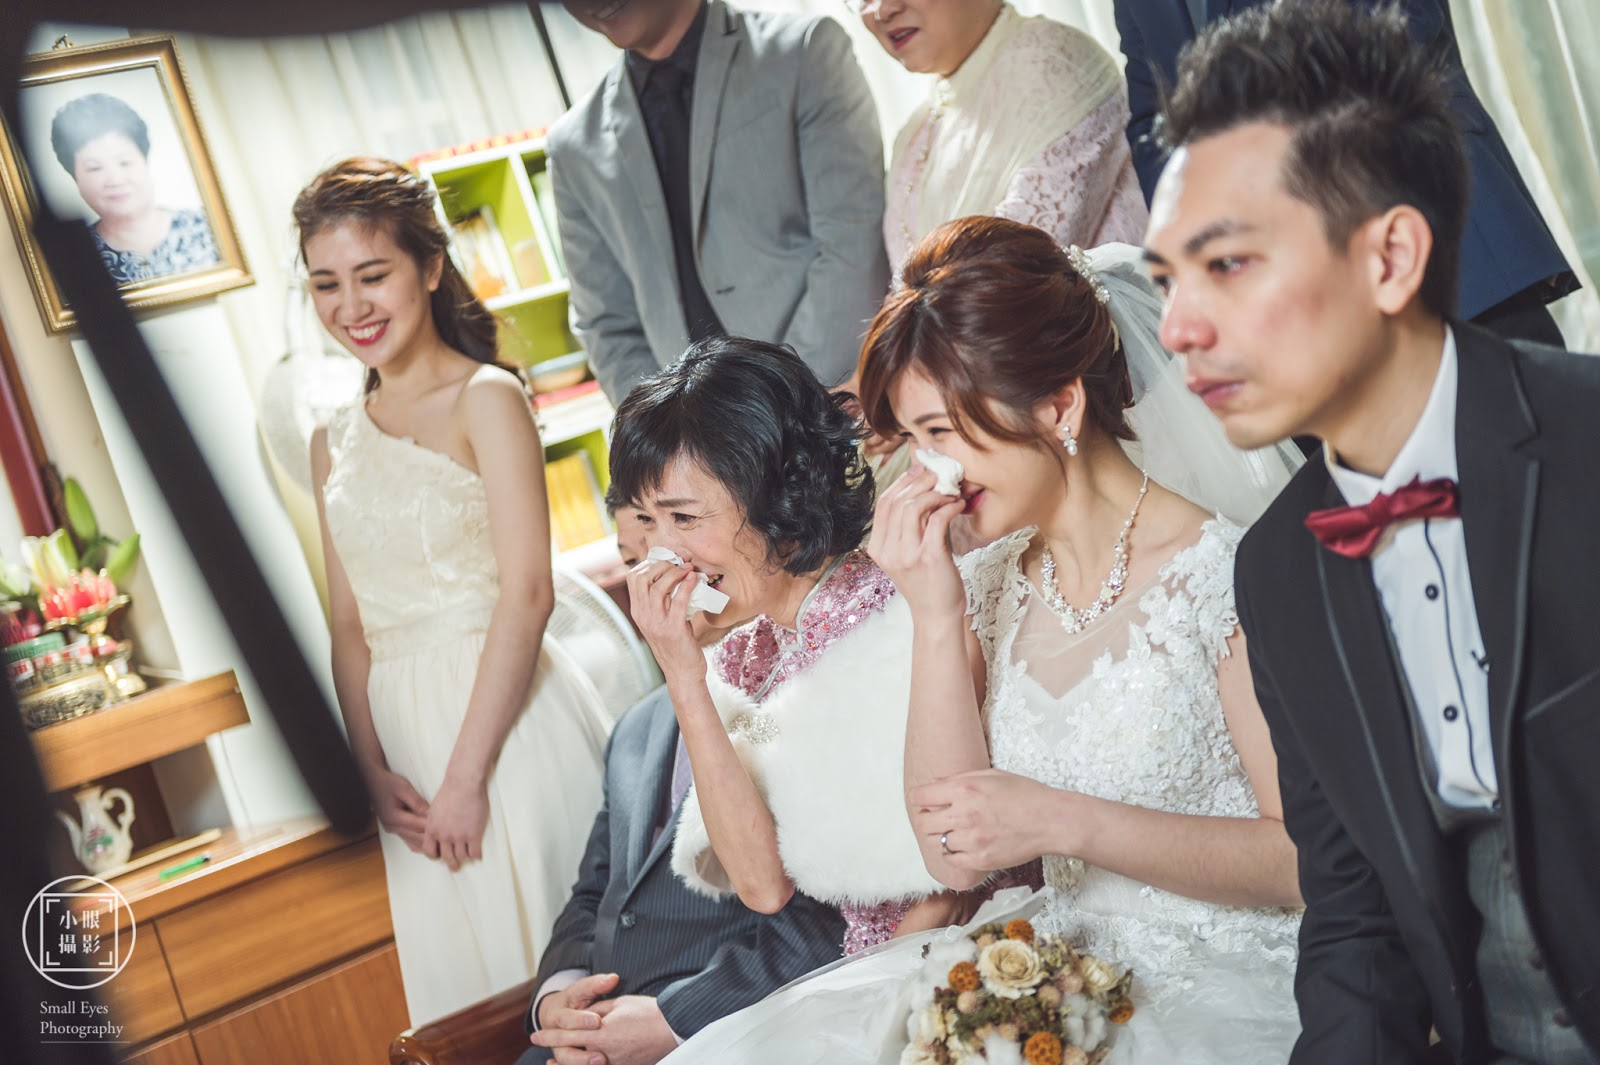 婚攝,小眼攝影,婚禮紀實,婚禮紀錄,婚紗,國內婚紗,海外婚紗,寫真,婚攝小眼